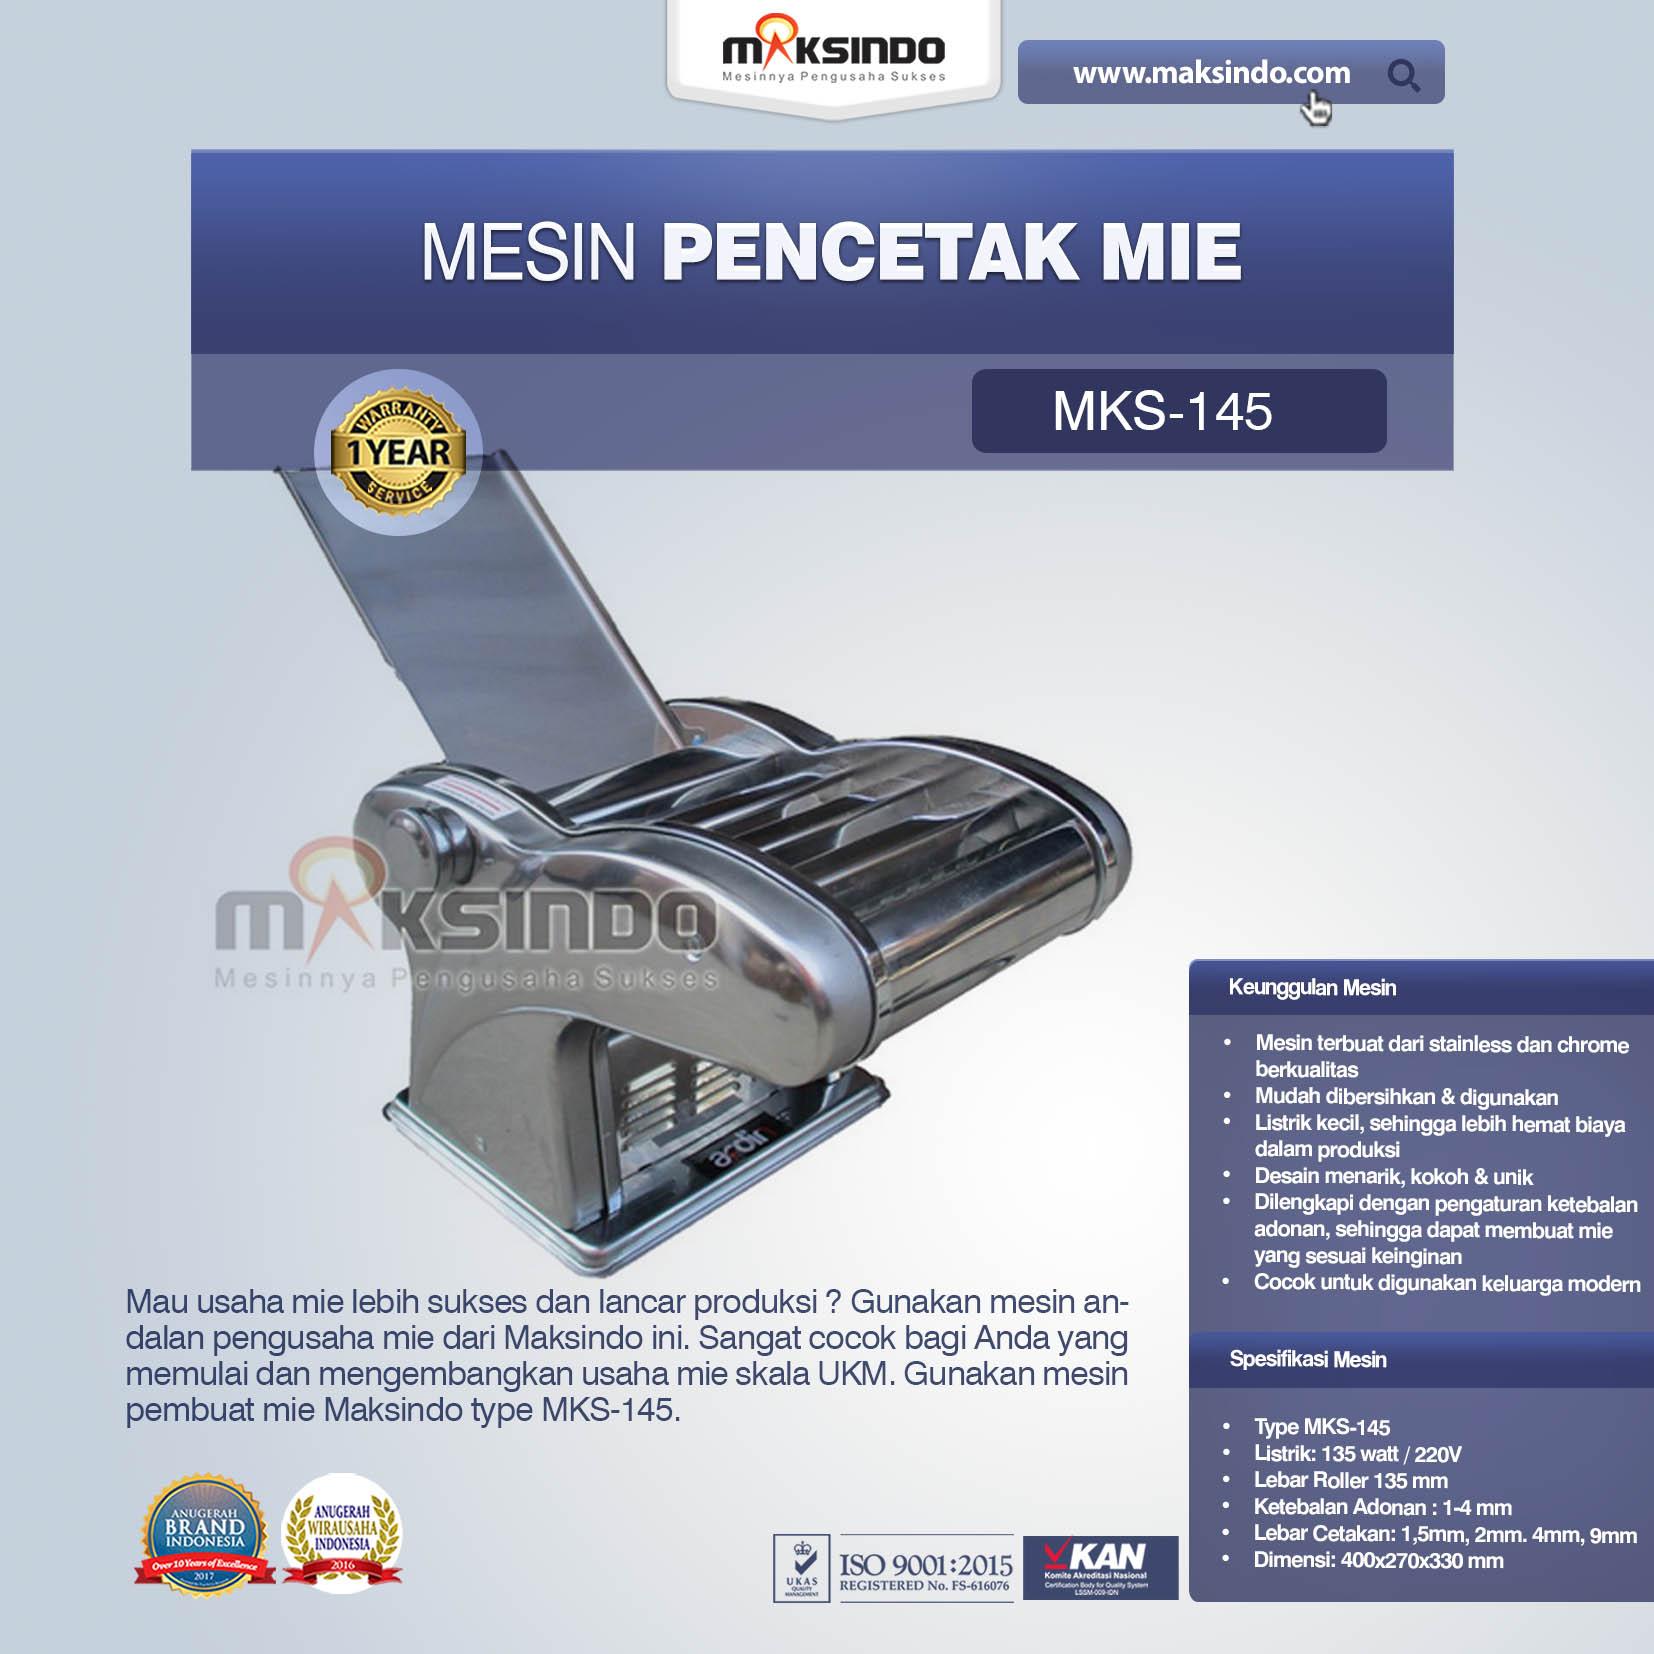 Jual Mesin Cetak Mie (MKS-145) di Semarang